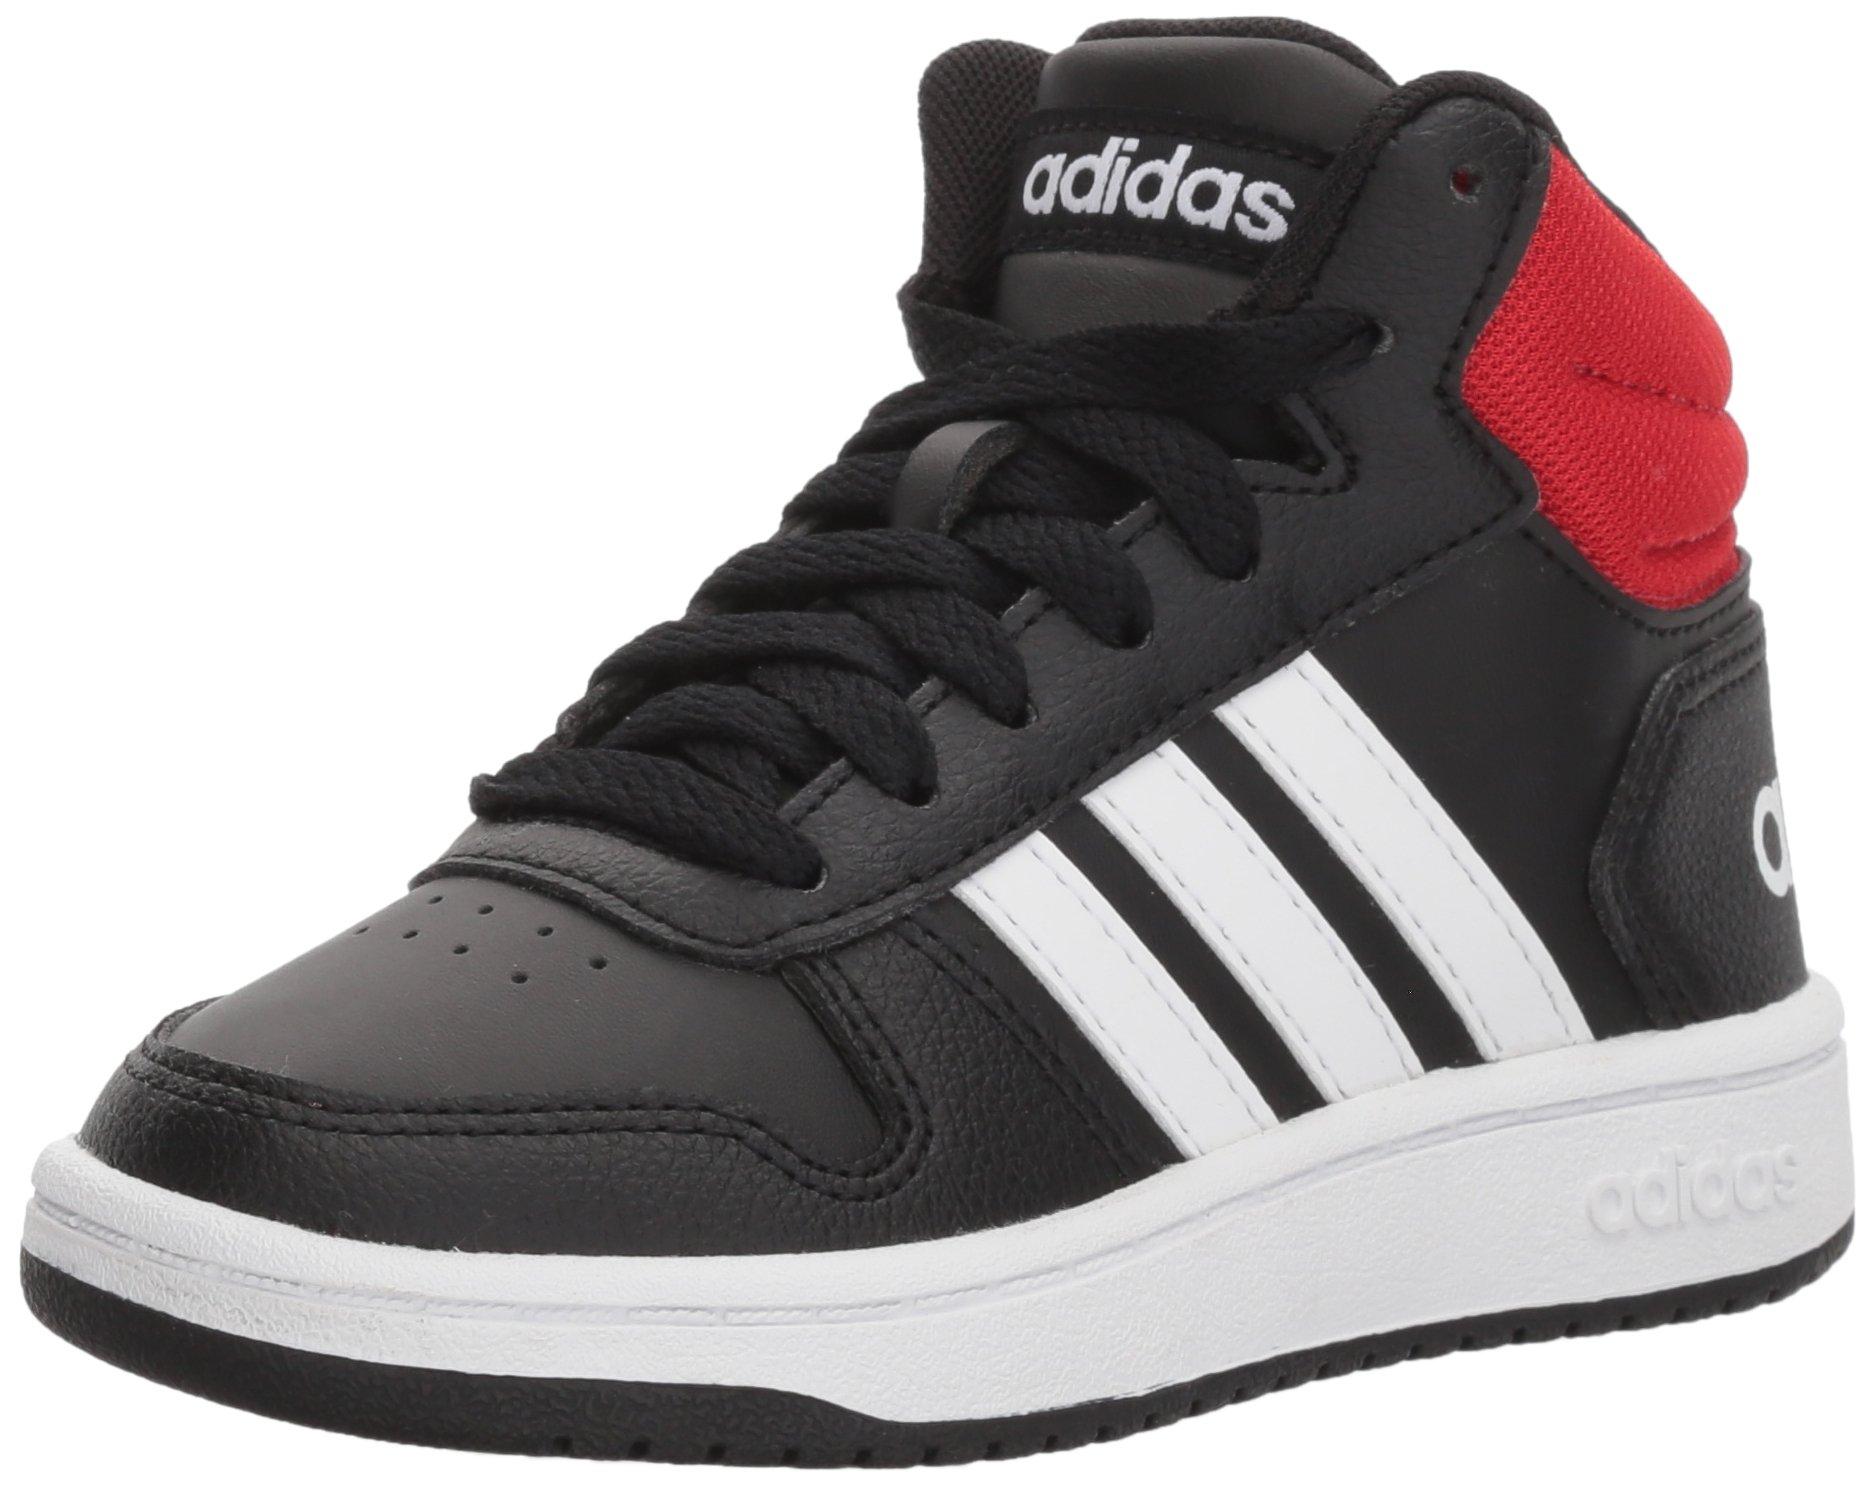 adidas hommes baskets superstar blanc s primeknit en noir et blanc superstar faf886